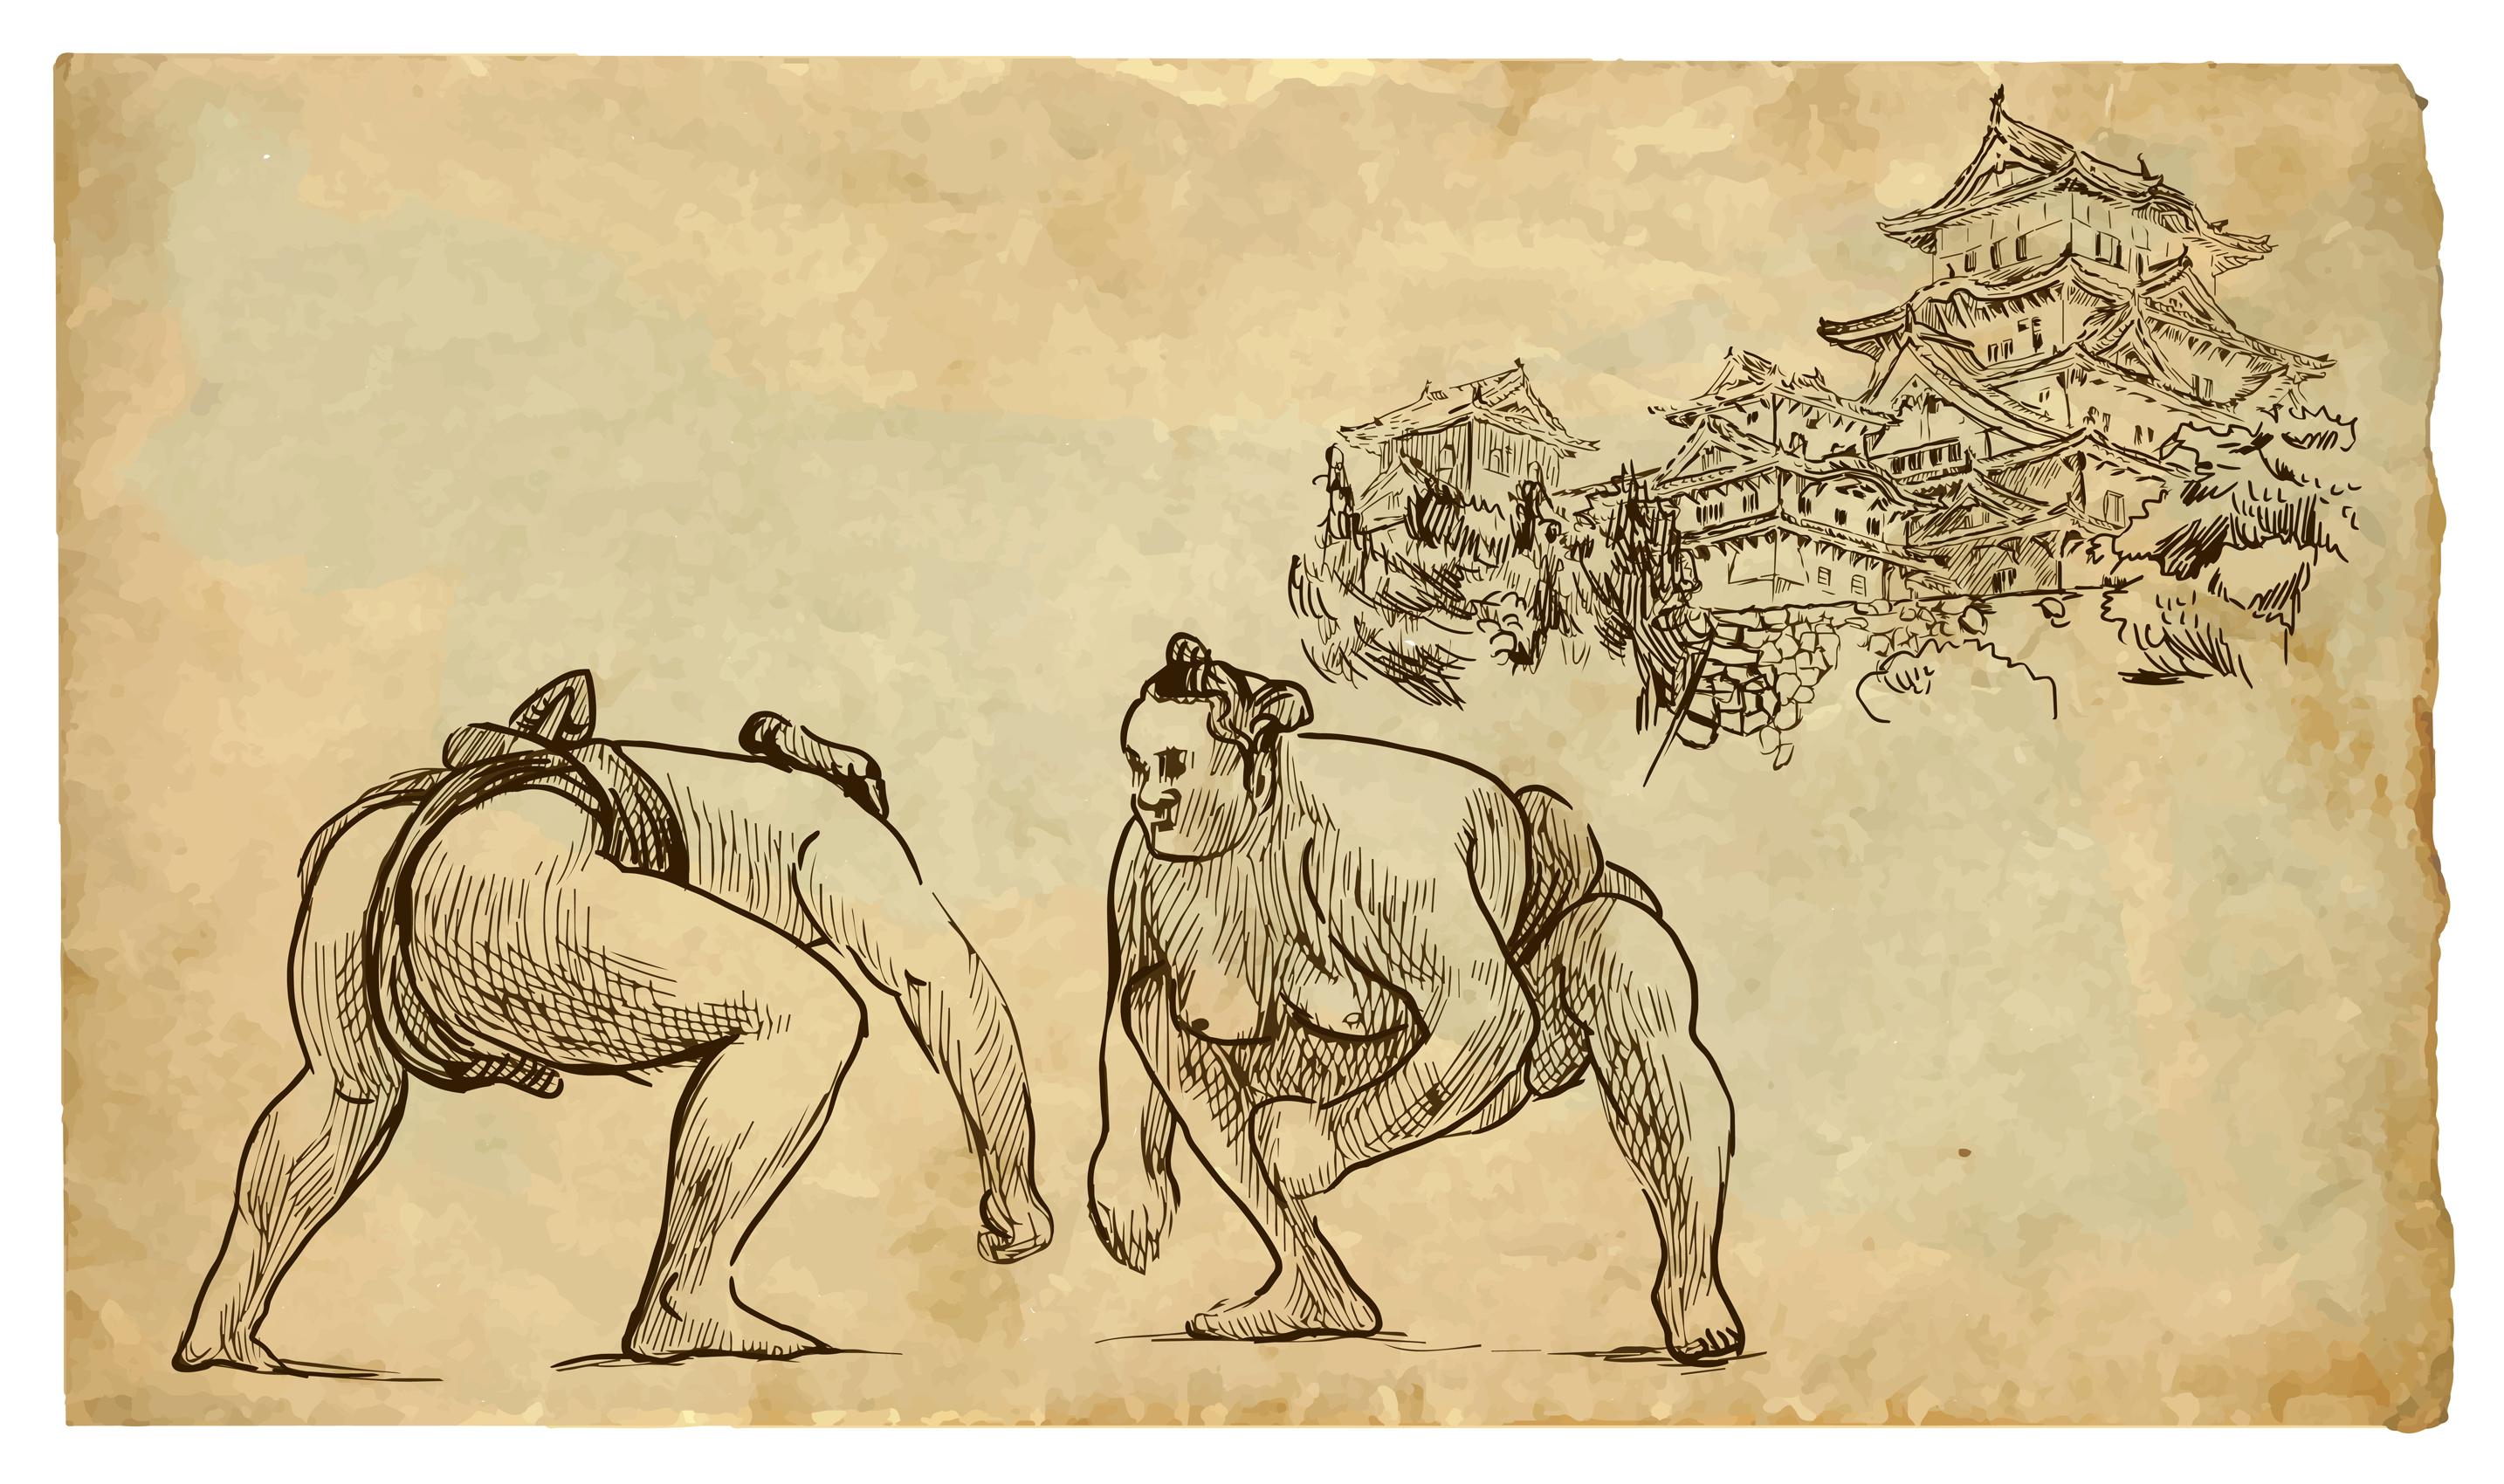 image à gauche